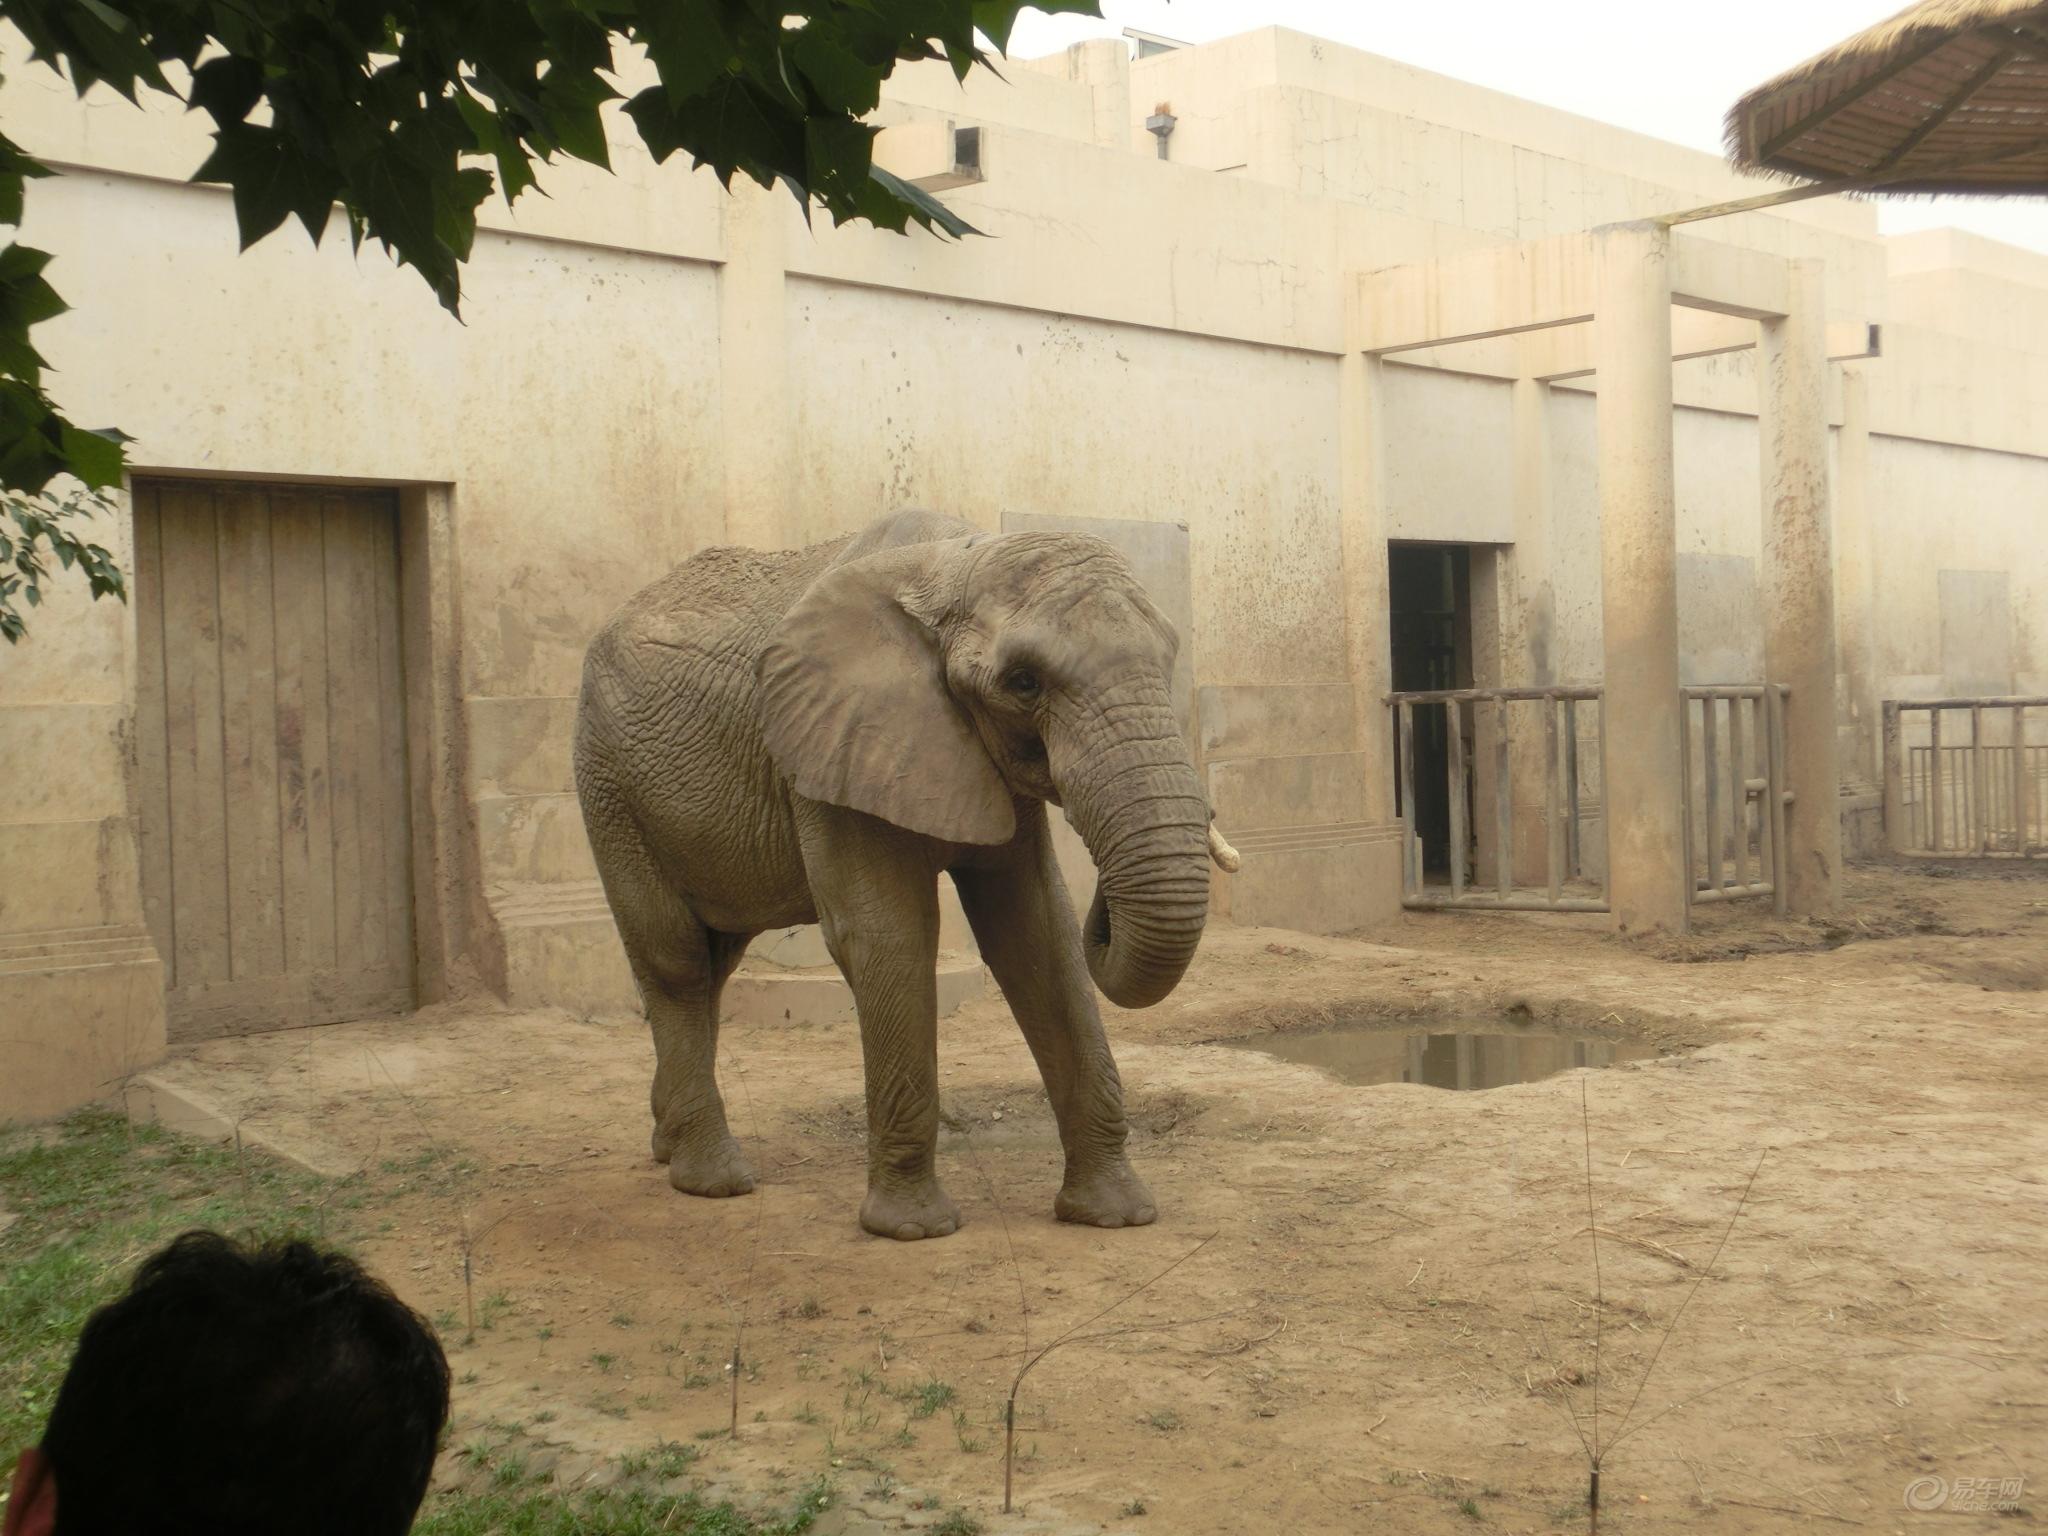 北京动物园 相片详情                            cimg1087